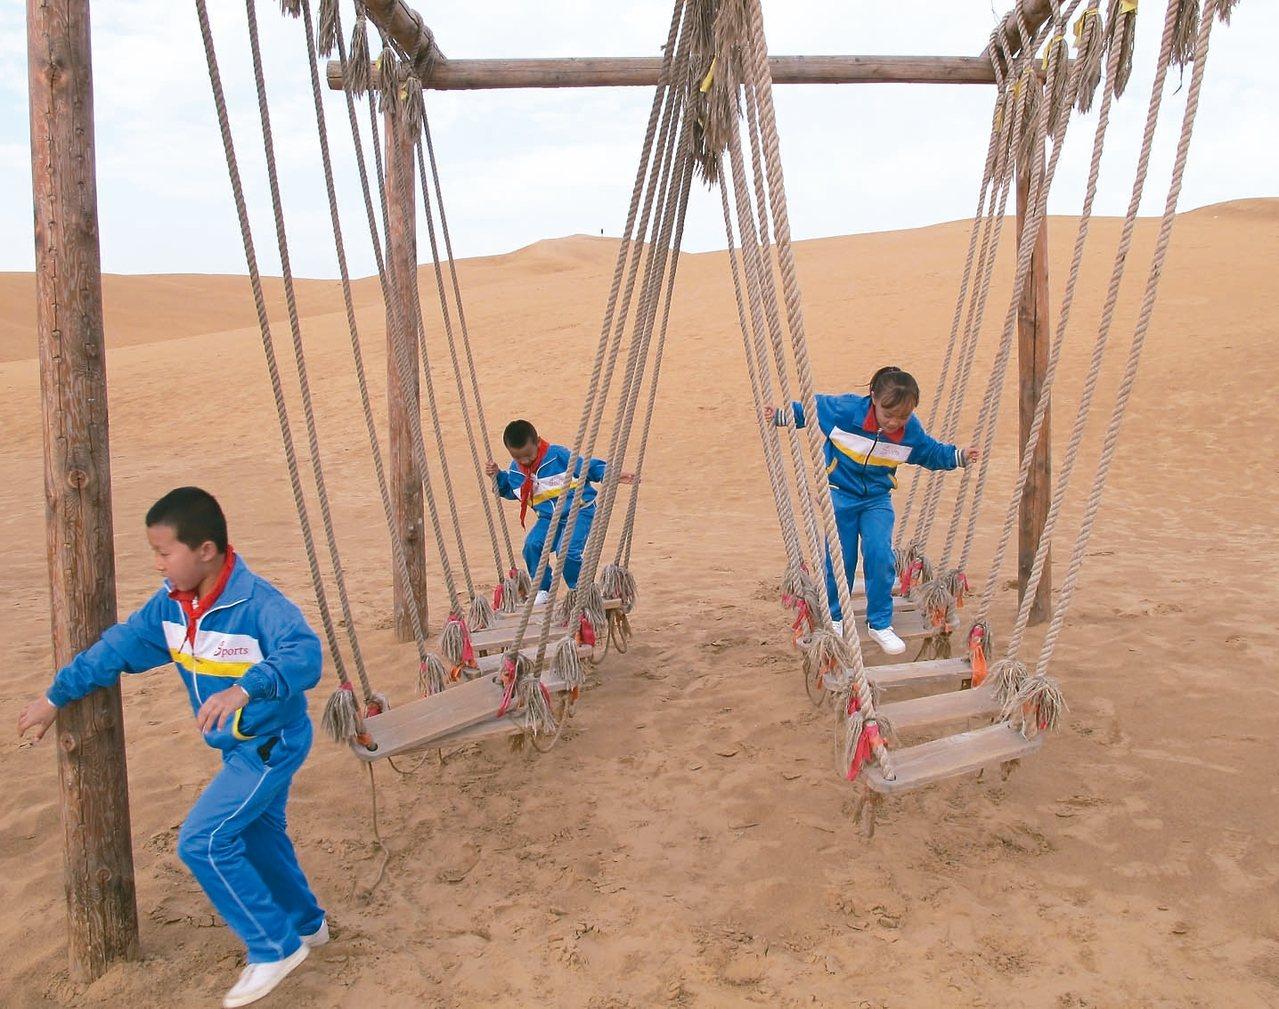 響沙灣沙漠景區遊樂設施多樣,小朋友也可以玩得很開心。 記者章淑曼/攝影